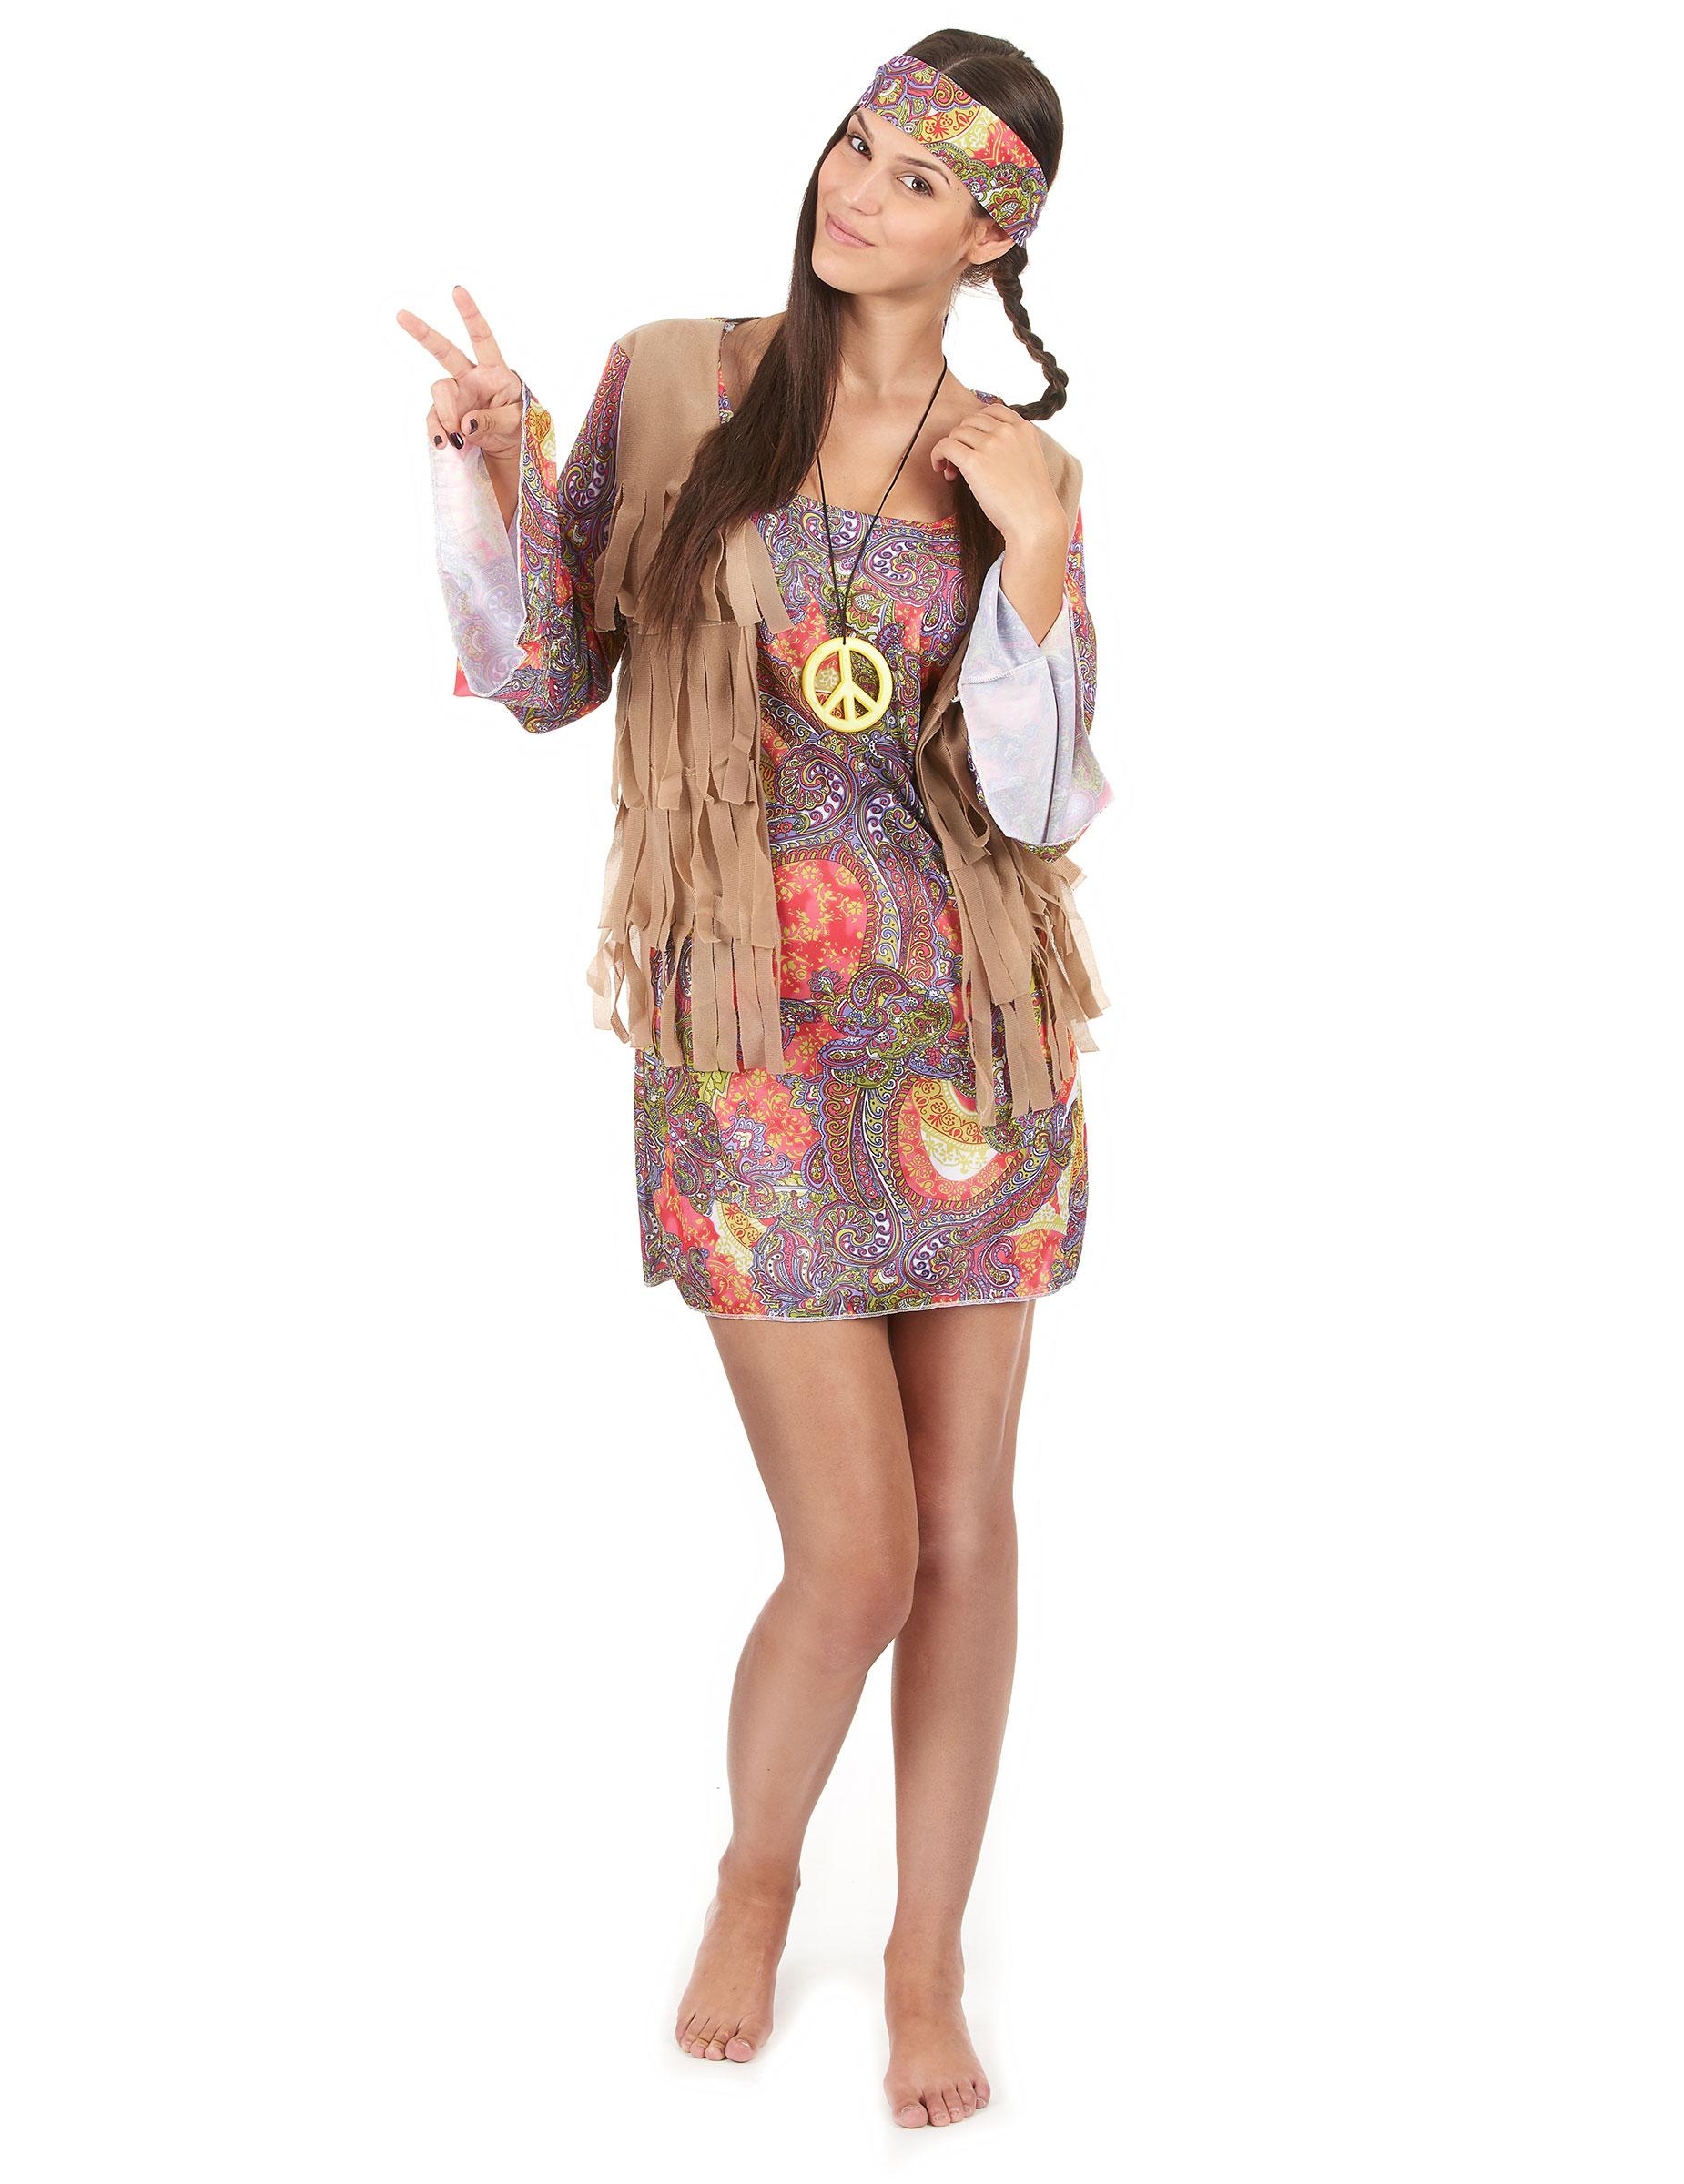 Disfraz de hippie mujer Disfraces adultosy disfraces originales baratos  Vegaoo